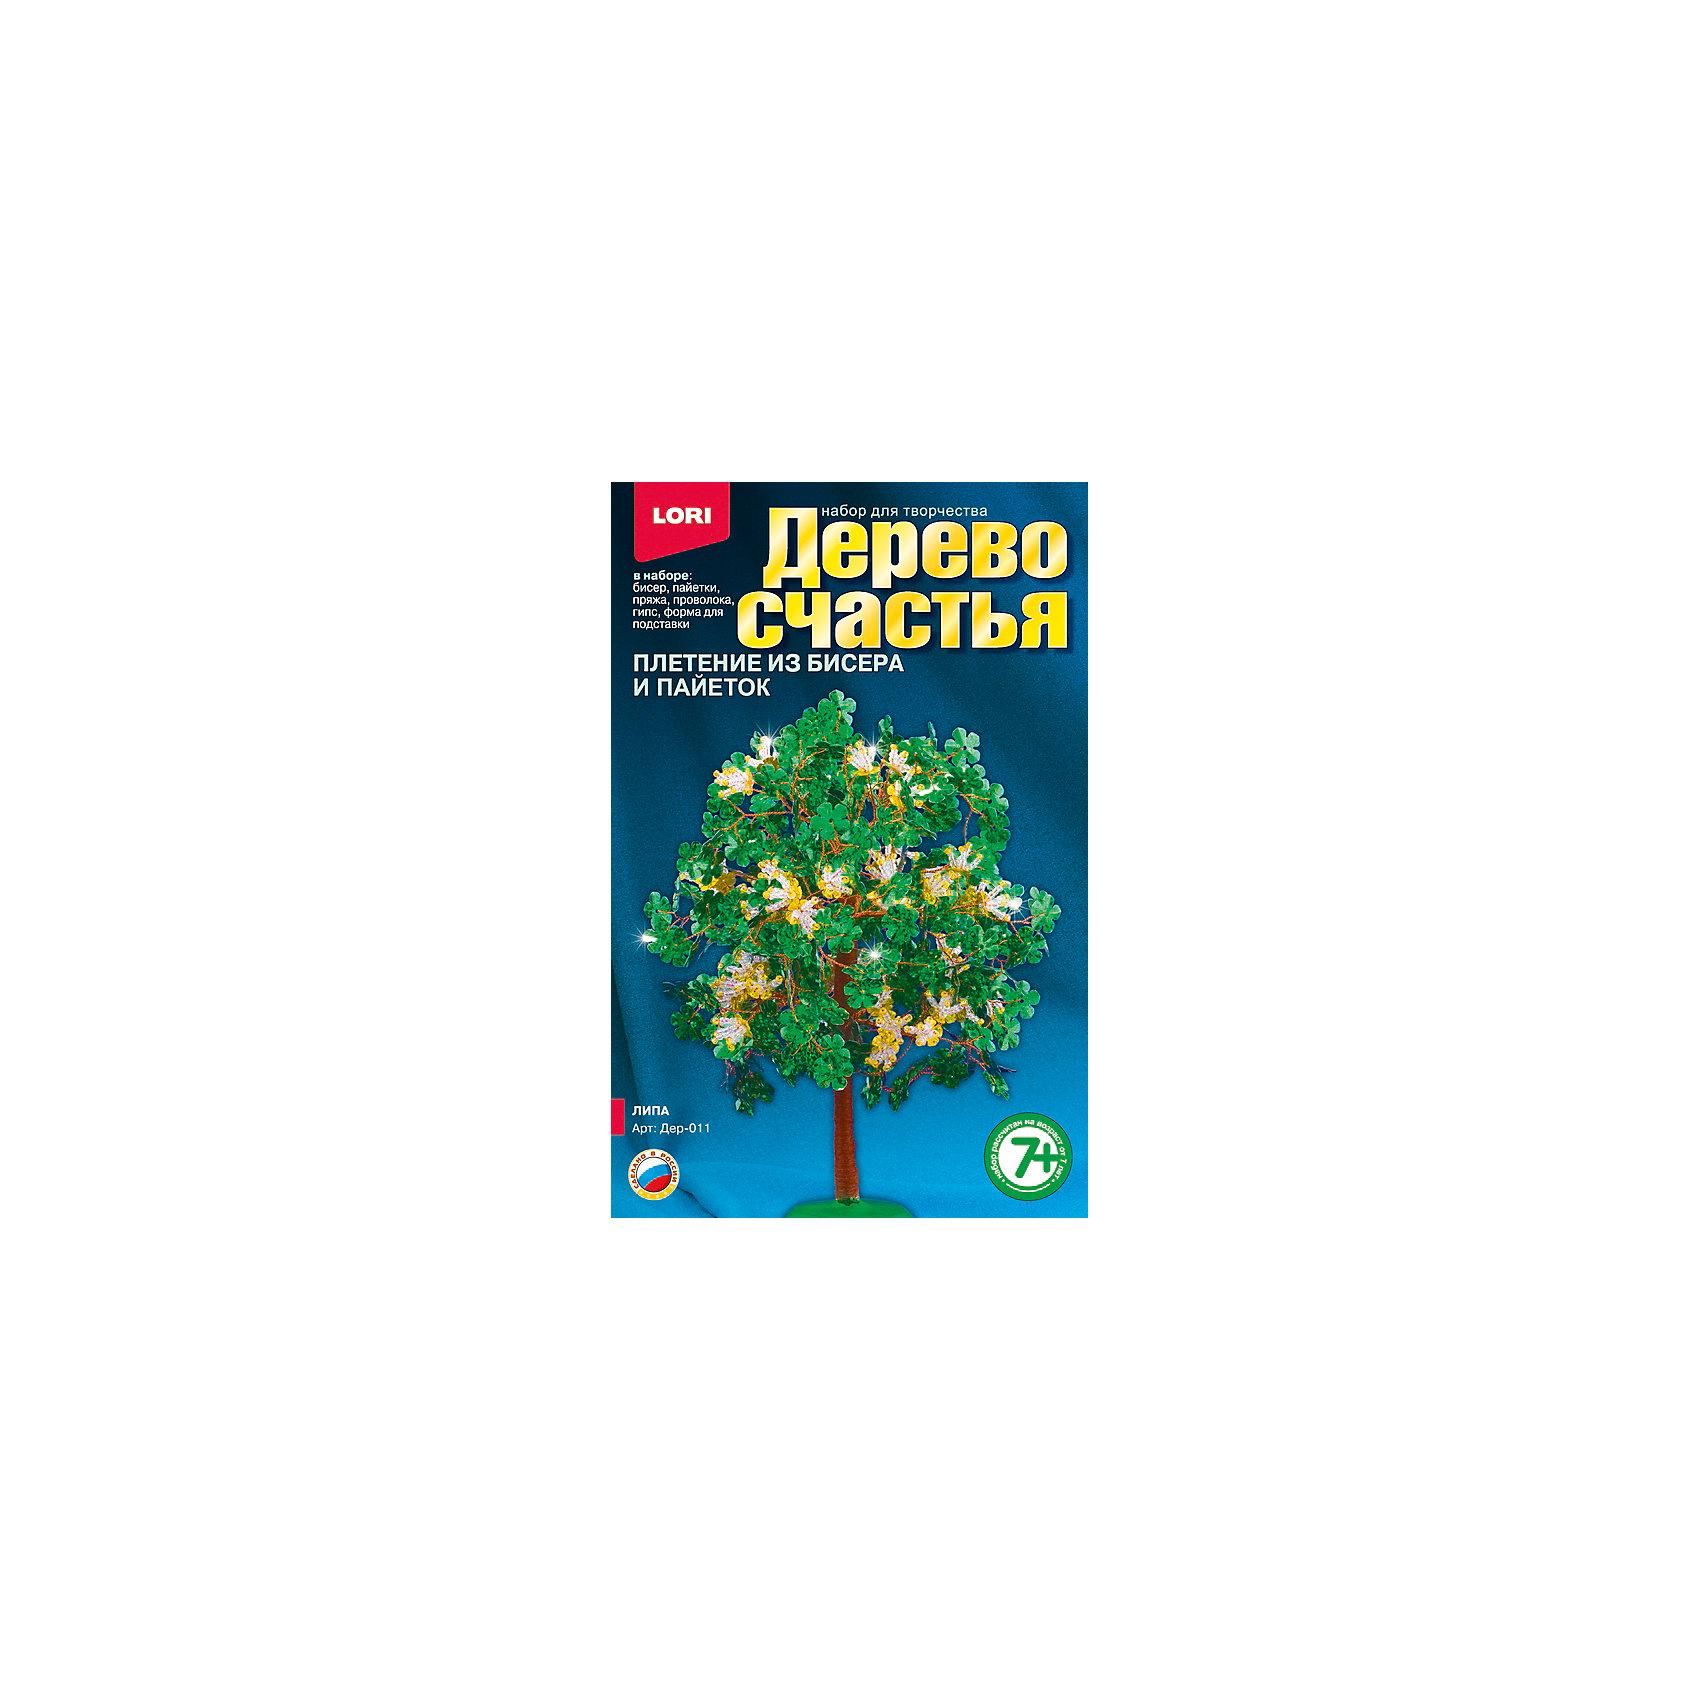 LORI Дерево счастья Липа, LORI lori набор для рукоделия дерево счастья сакура